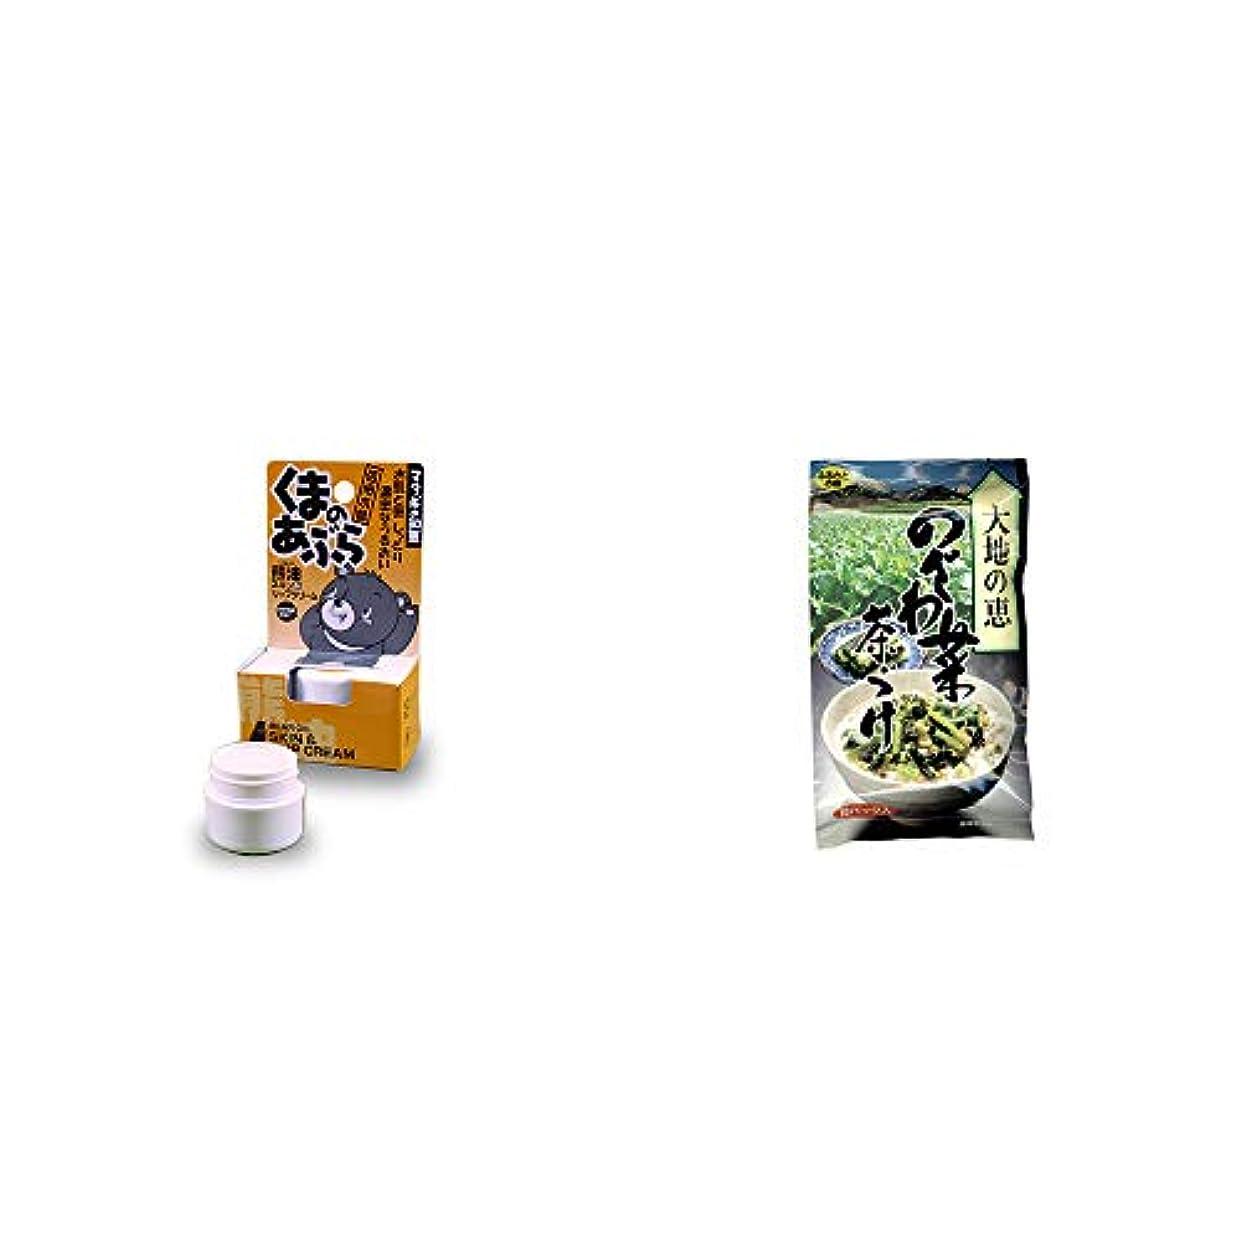 クック身元ドアミラー[2点セット] 信州木曽 くまのあぶら 熊油スキン&リップクリーム(9g)?特選茶漬け 大地の恵 のざわ菜茶づけ(10袋入)